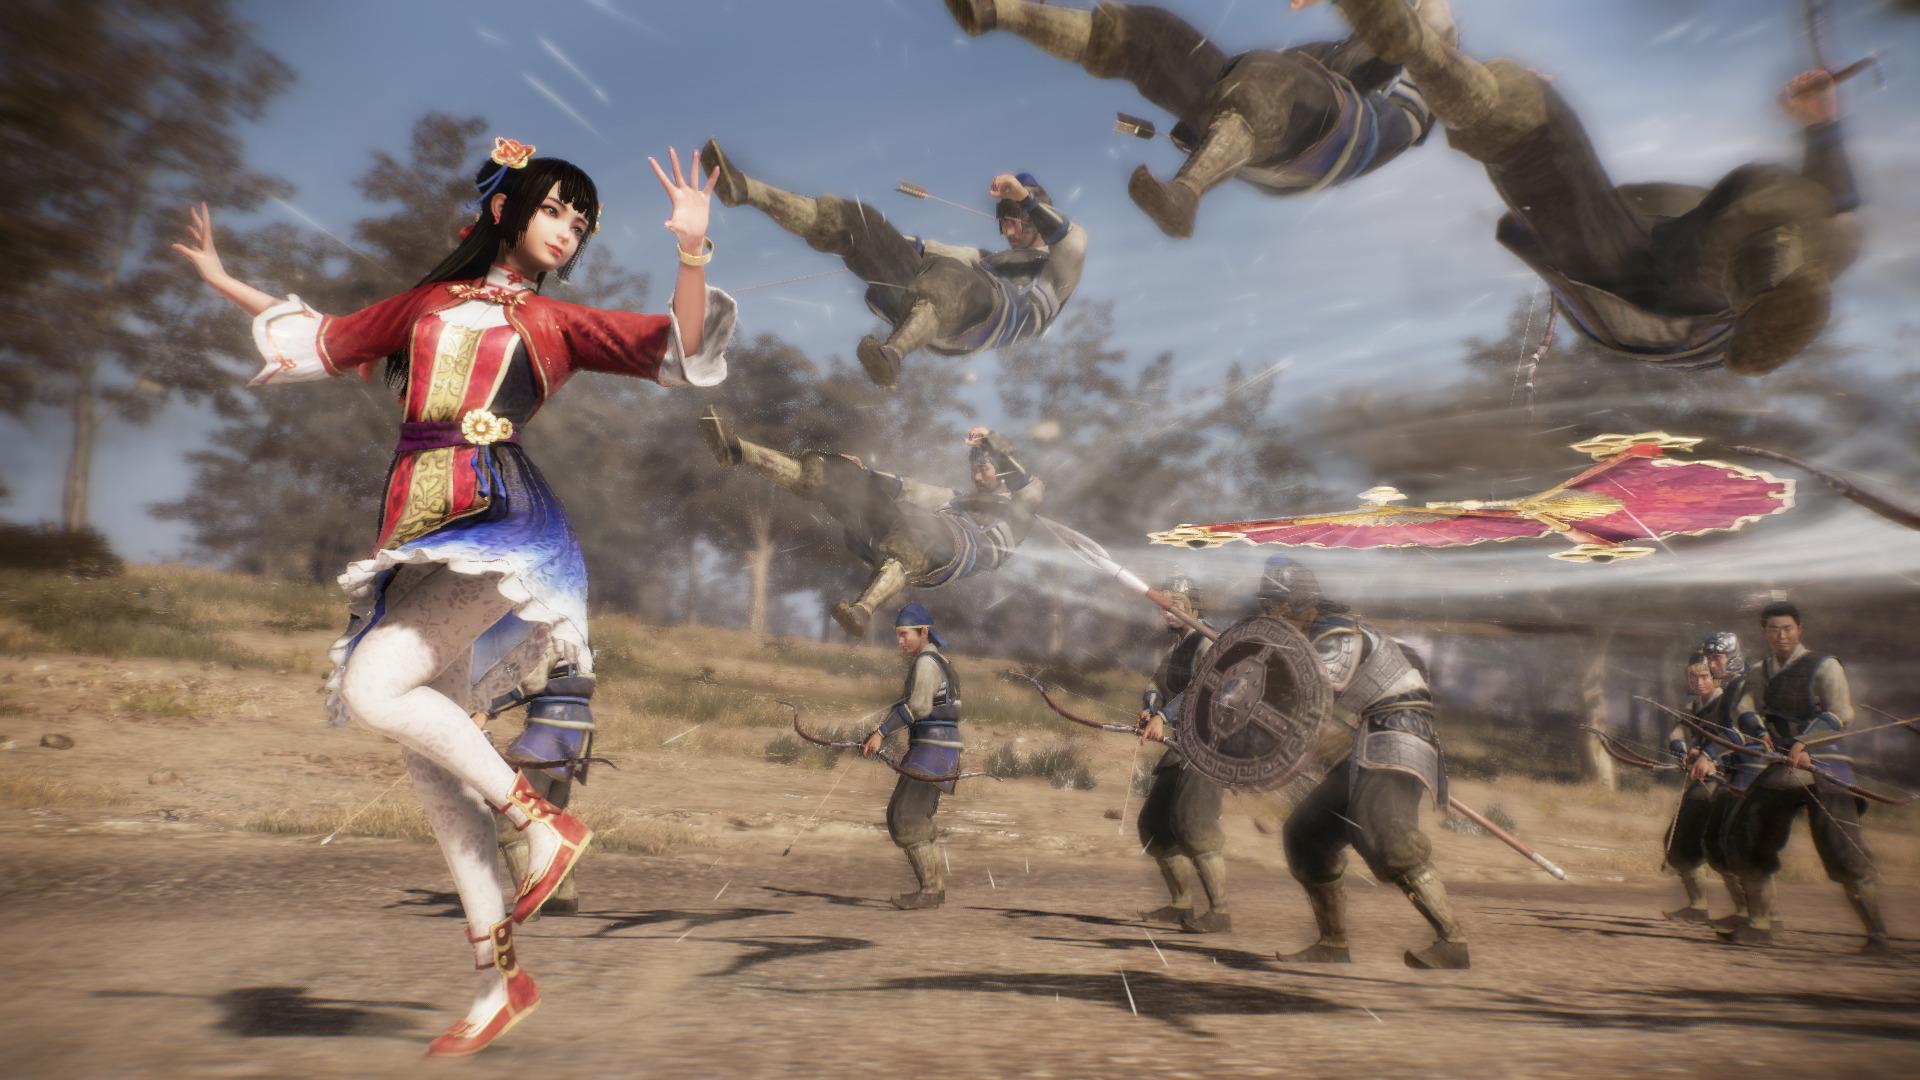 Опубликованы новые геймплейные видеоролики Dynasty Warriors 9 с демонстрацией сражений